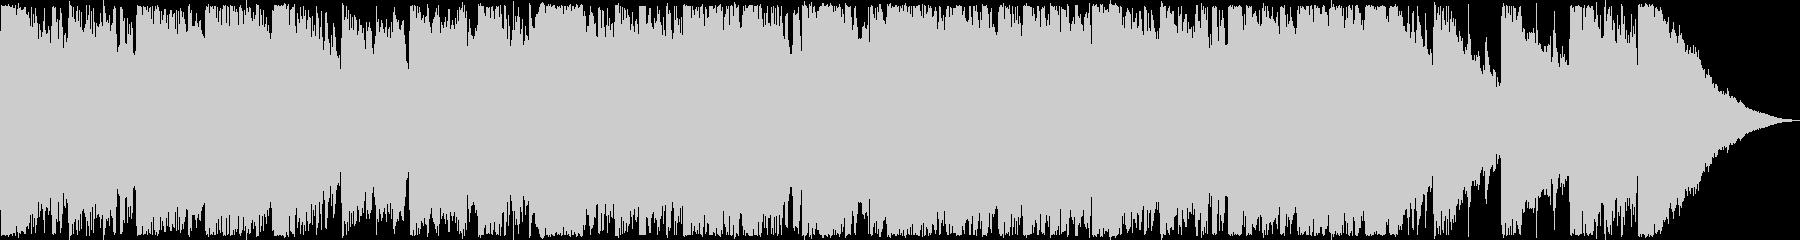 オープニング・洋楽・女性ボーカルポップの未再生の波形